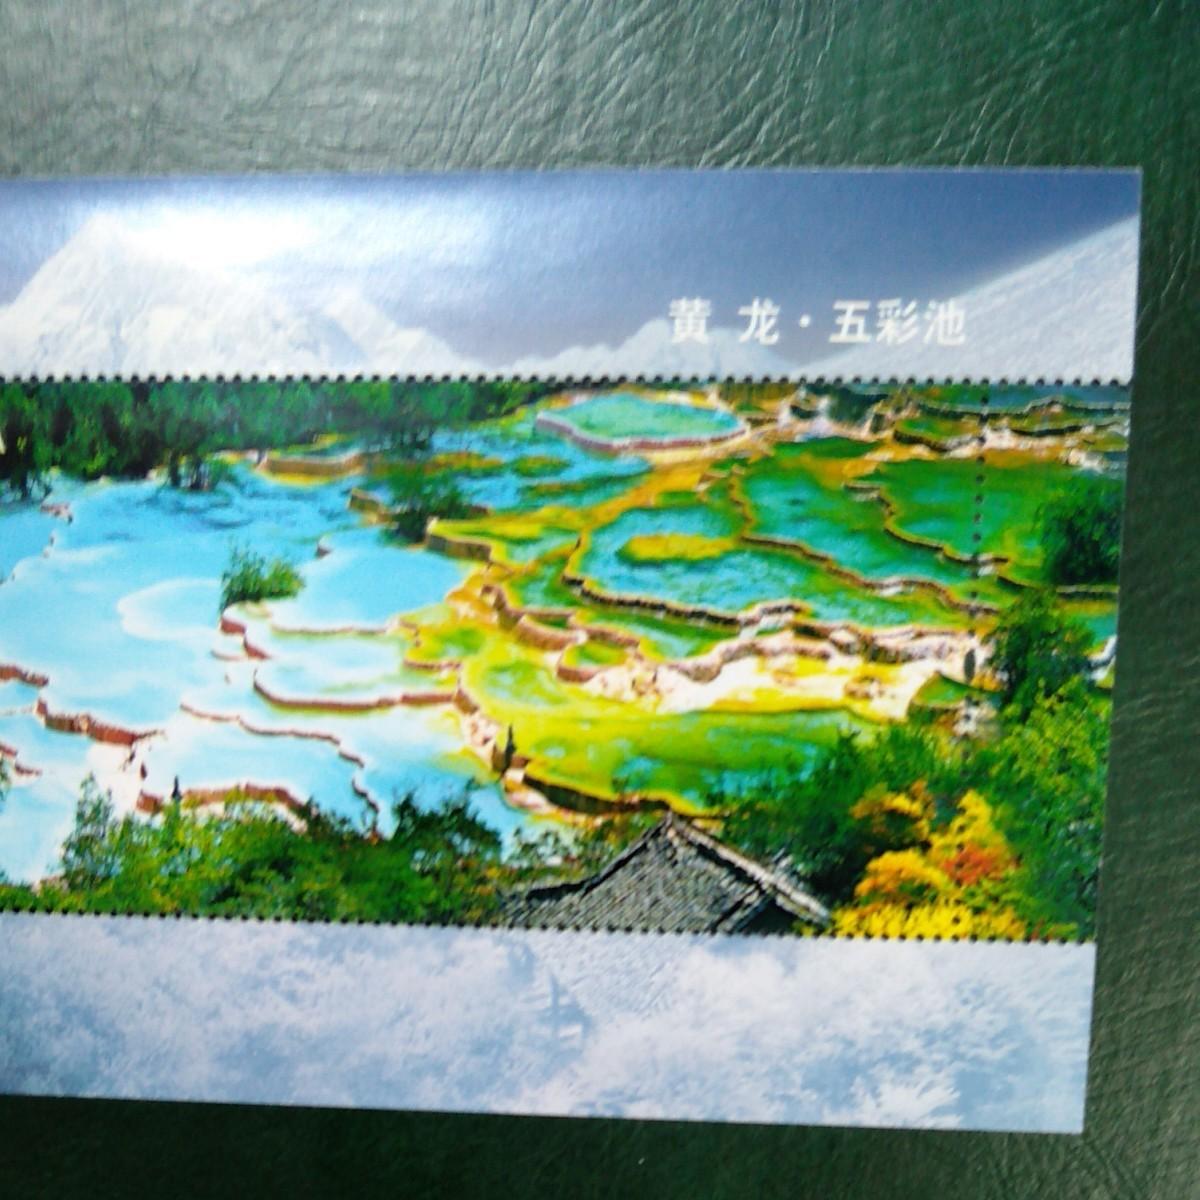 小型シート 中国 黄龍 五彩池